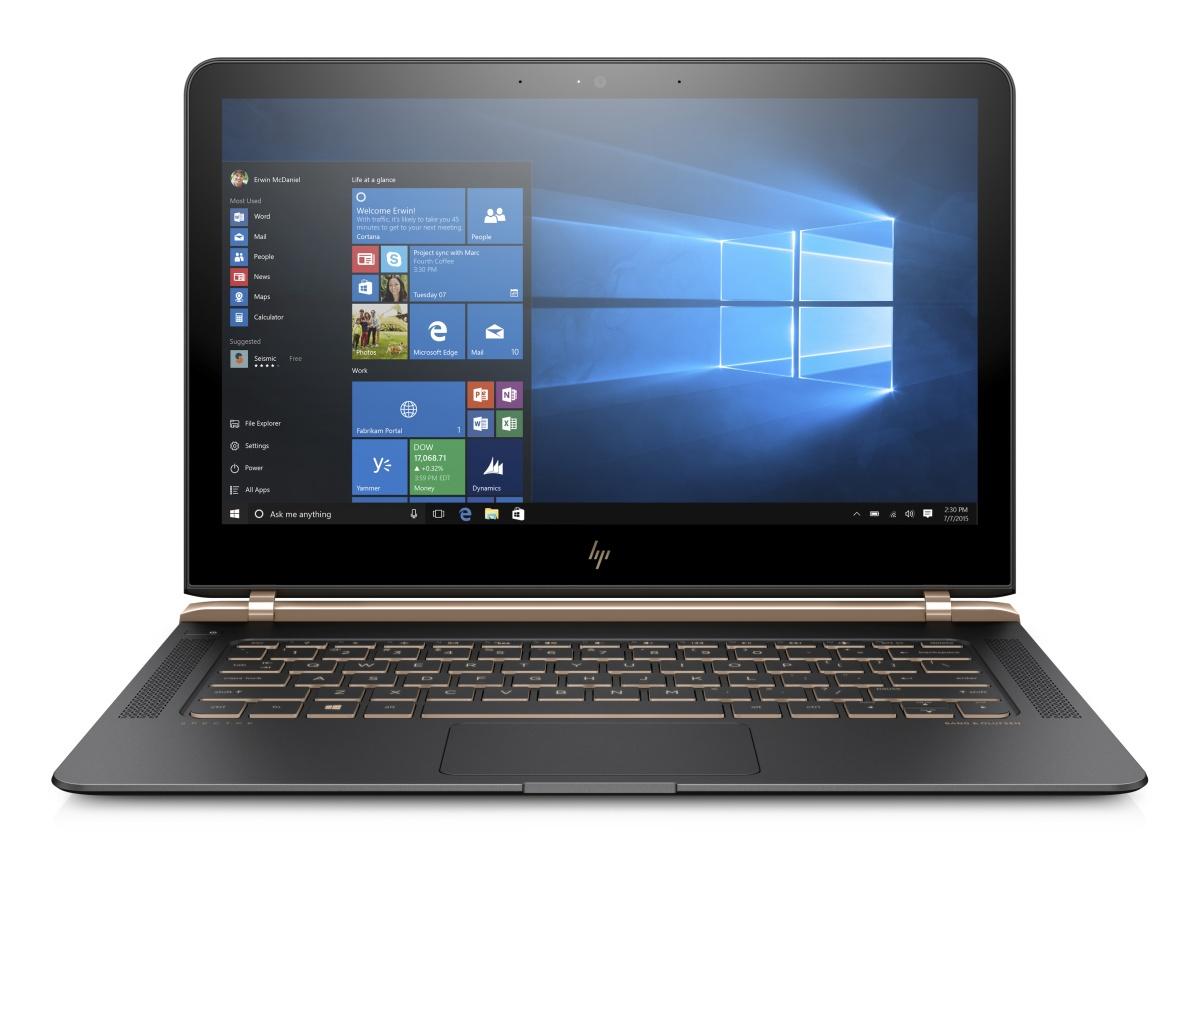 HP Spectre Pro 13 G1 i5-6200U / 8GB / 256GB SSD PCIe / 13,3'' FHD / Intel HD / Win 10 Pro